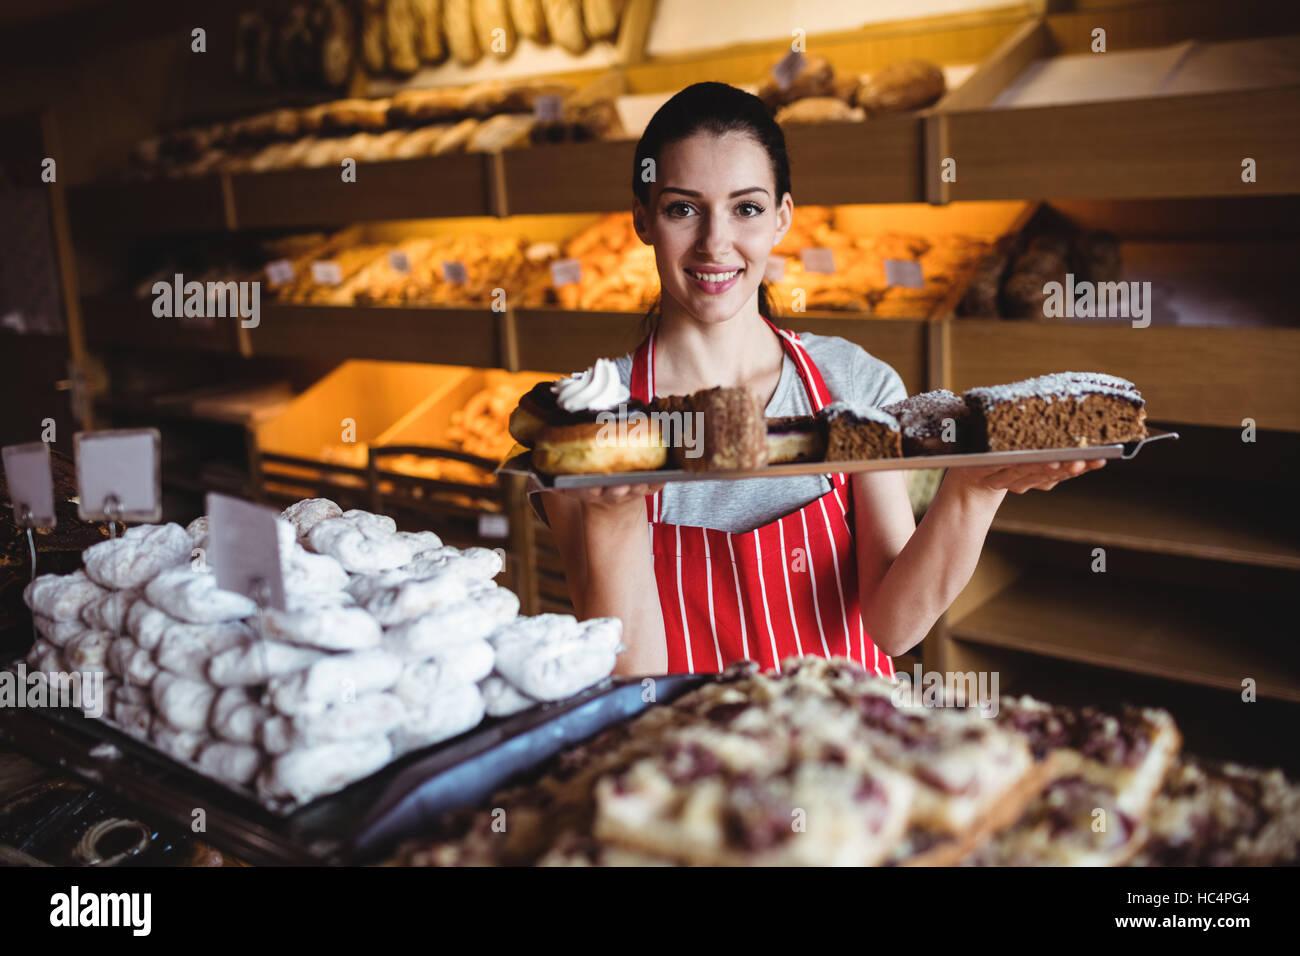 Porträt von weiblichen Baker, die holding ein Tablett mit süßen Speisen Stockbild